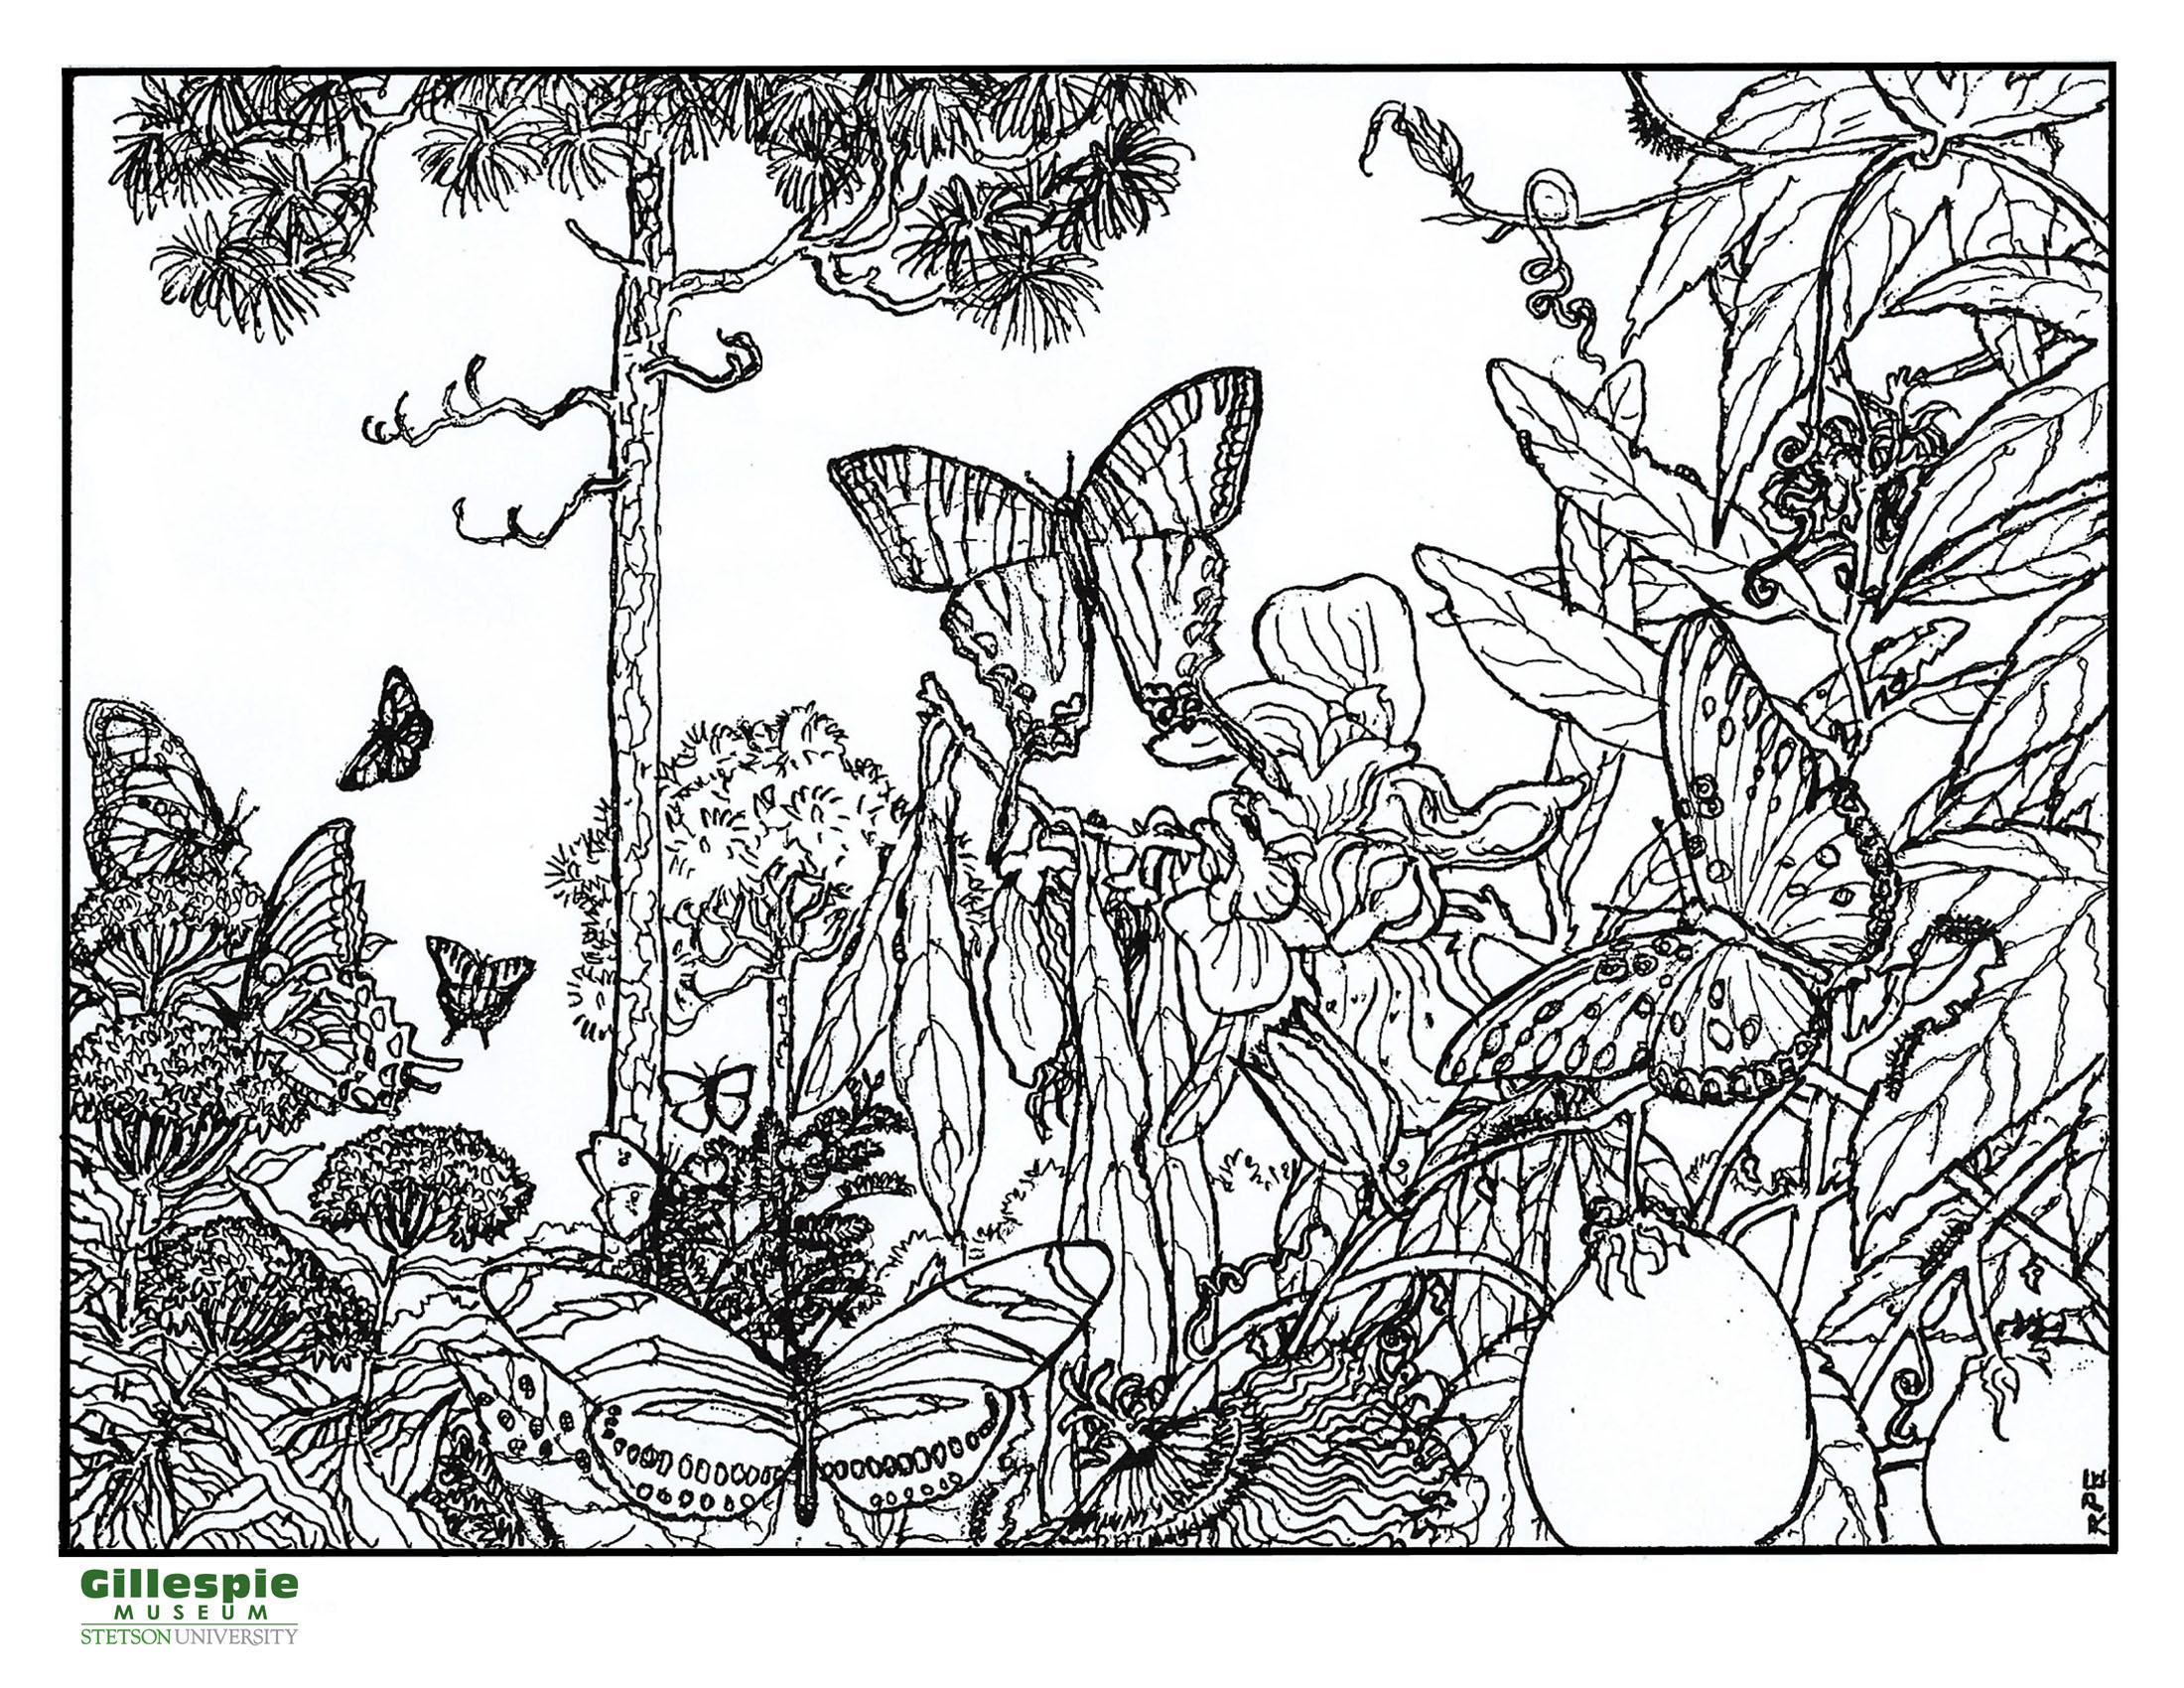 butterflies in pines